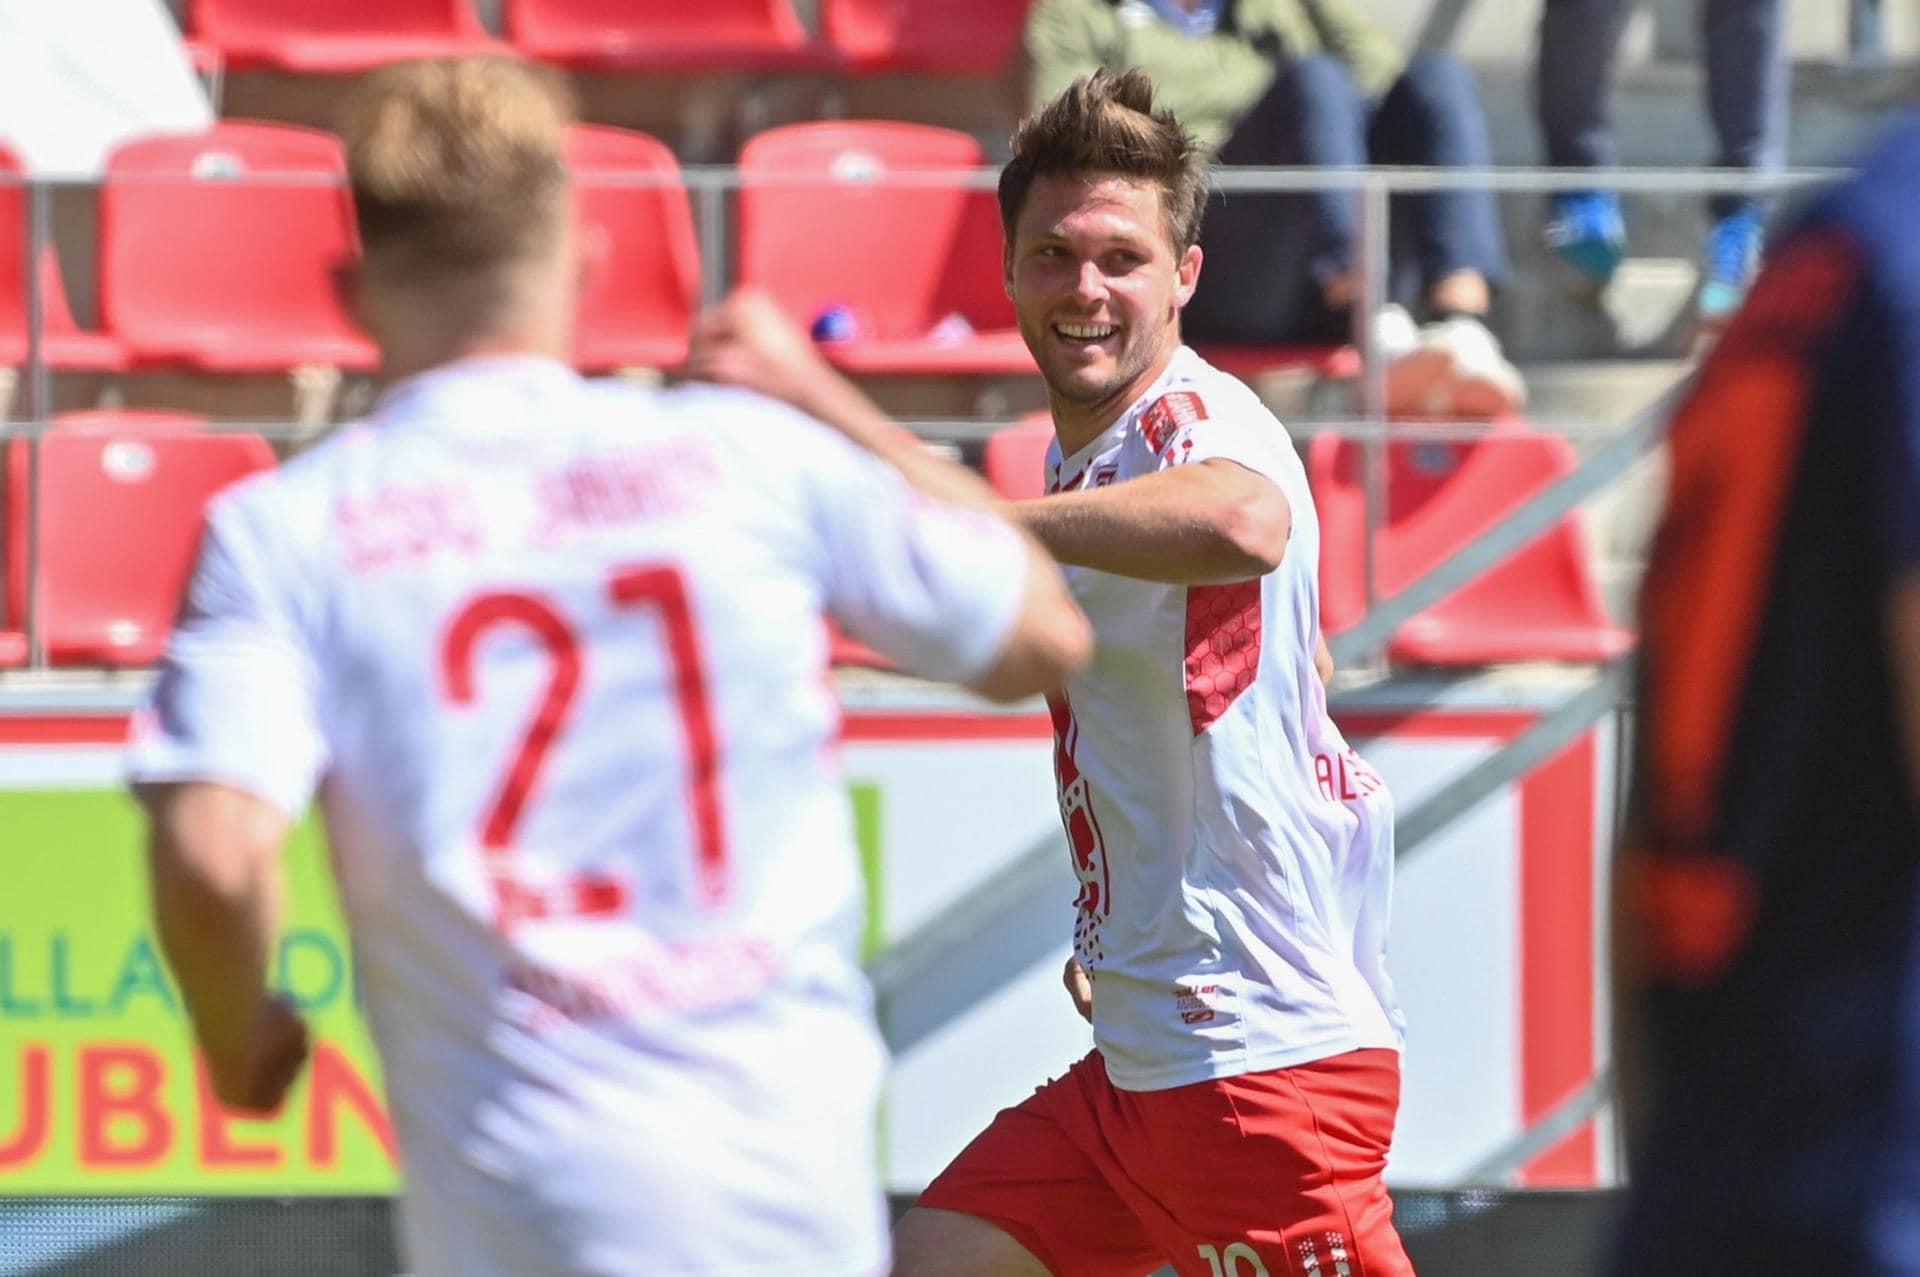 Regensburg mit intensivem 1:1 gegen HSV «Ein Riesenkampf»